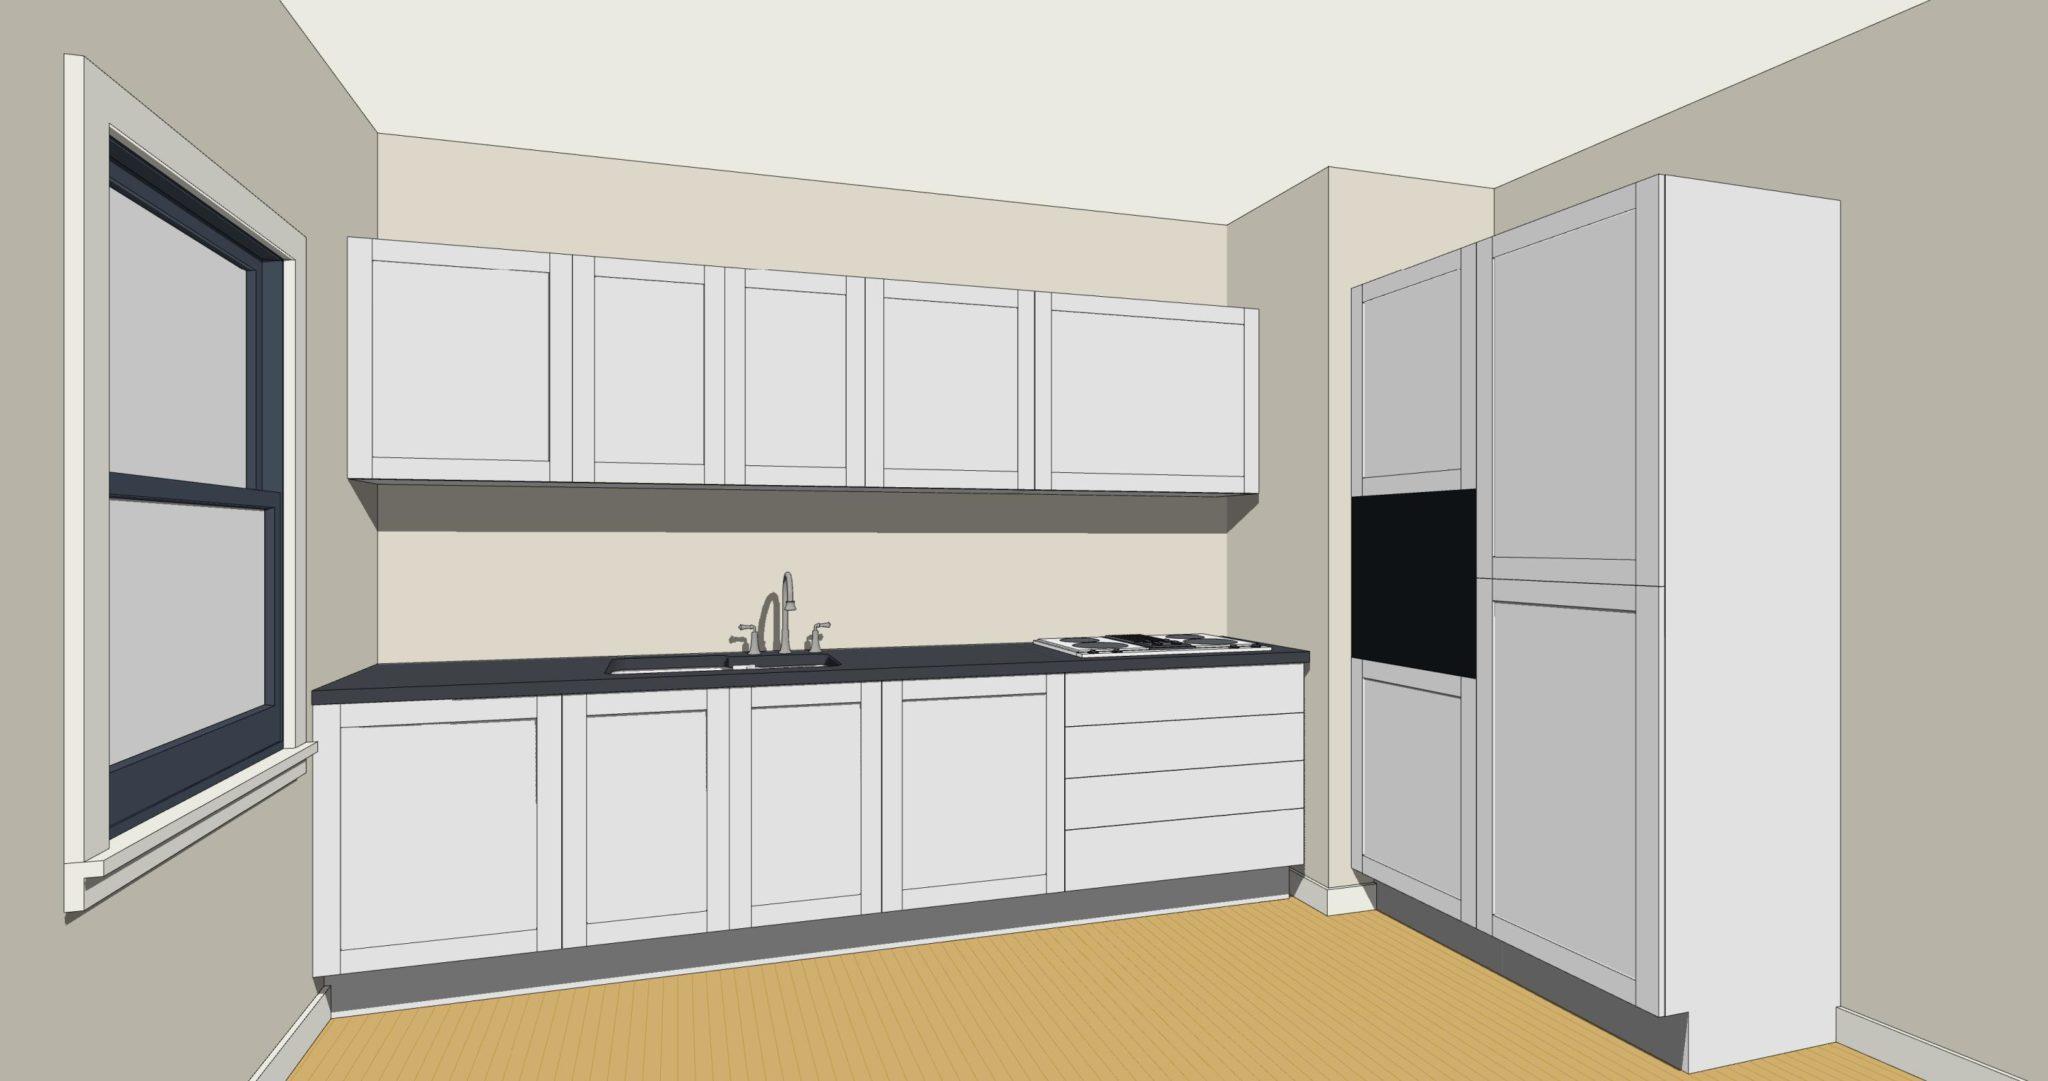 Mensole In Cartongesso Ad Angolo riadattare cucina archivi - lineatre - kucita - gli esperti